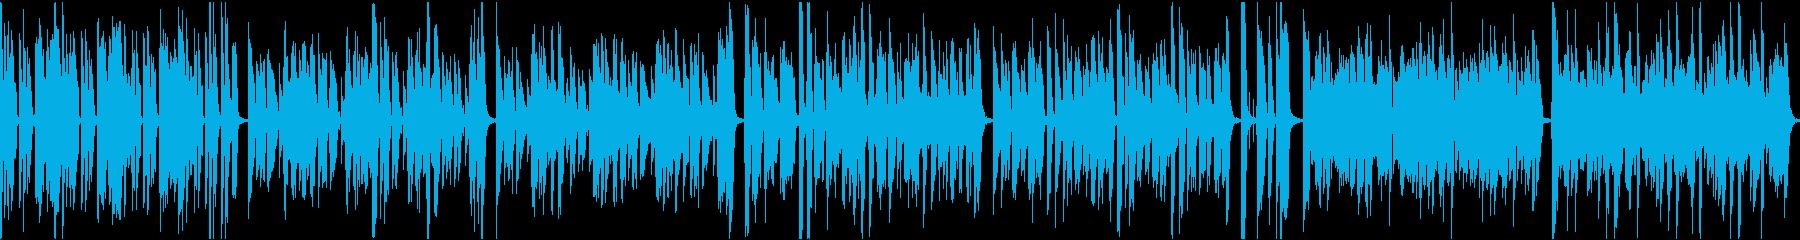 おしゃれイケイケ/静かめカラオケ/ループの再生済みの波形